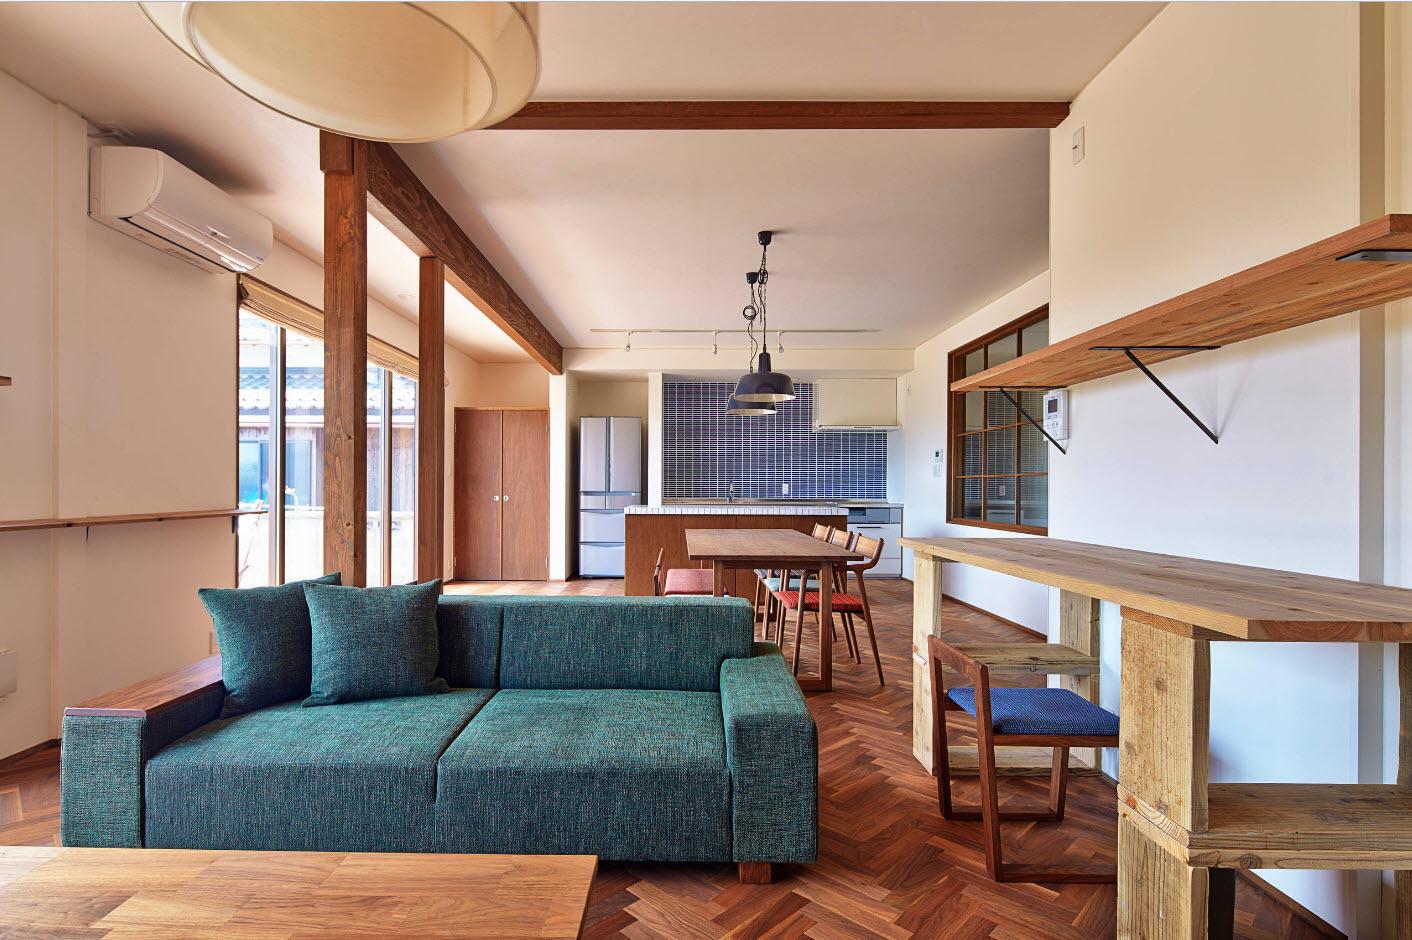 Кухня-столовая-гостиная в одном помещении